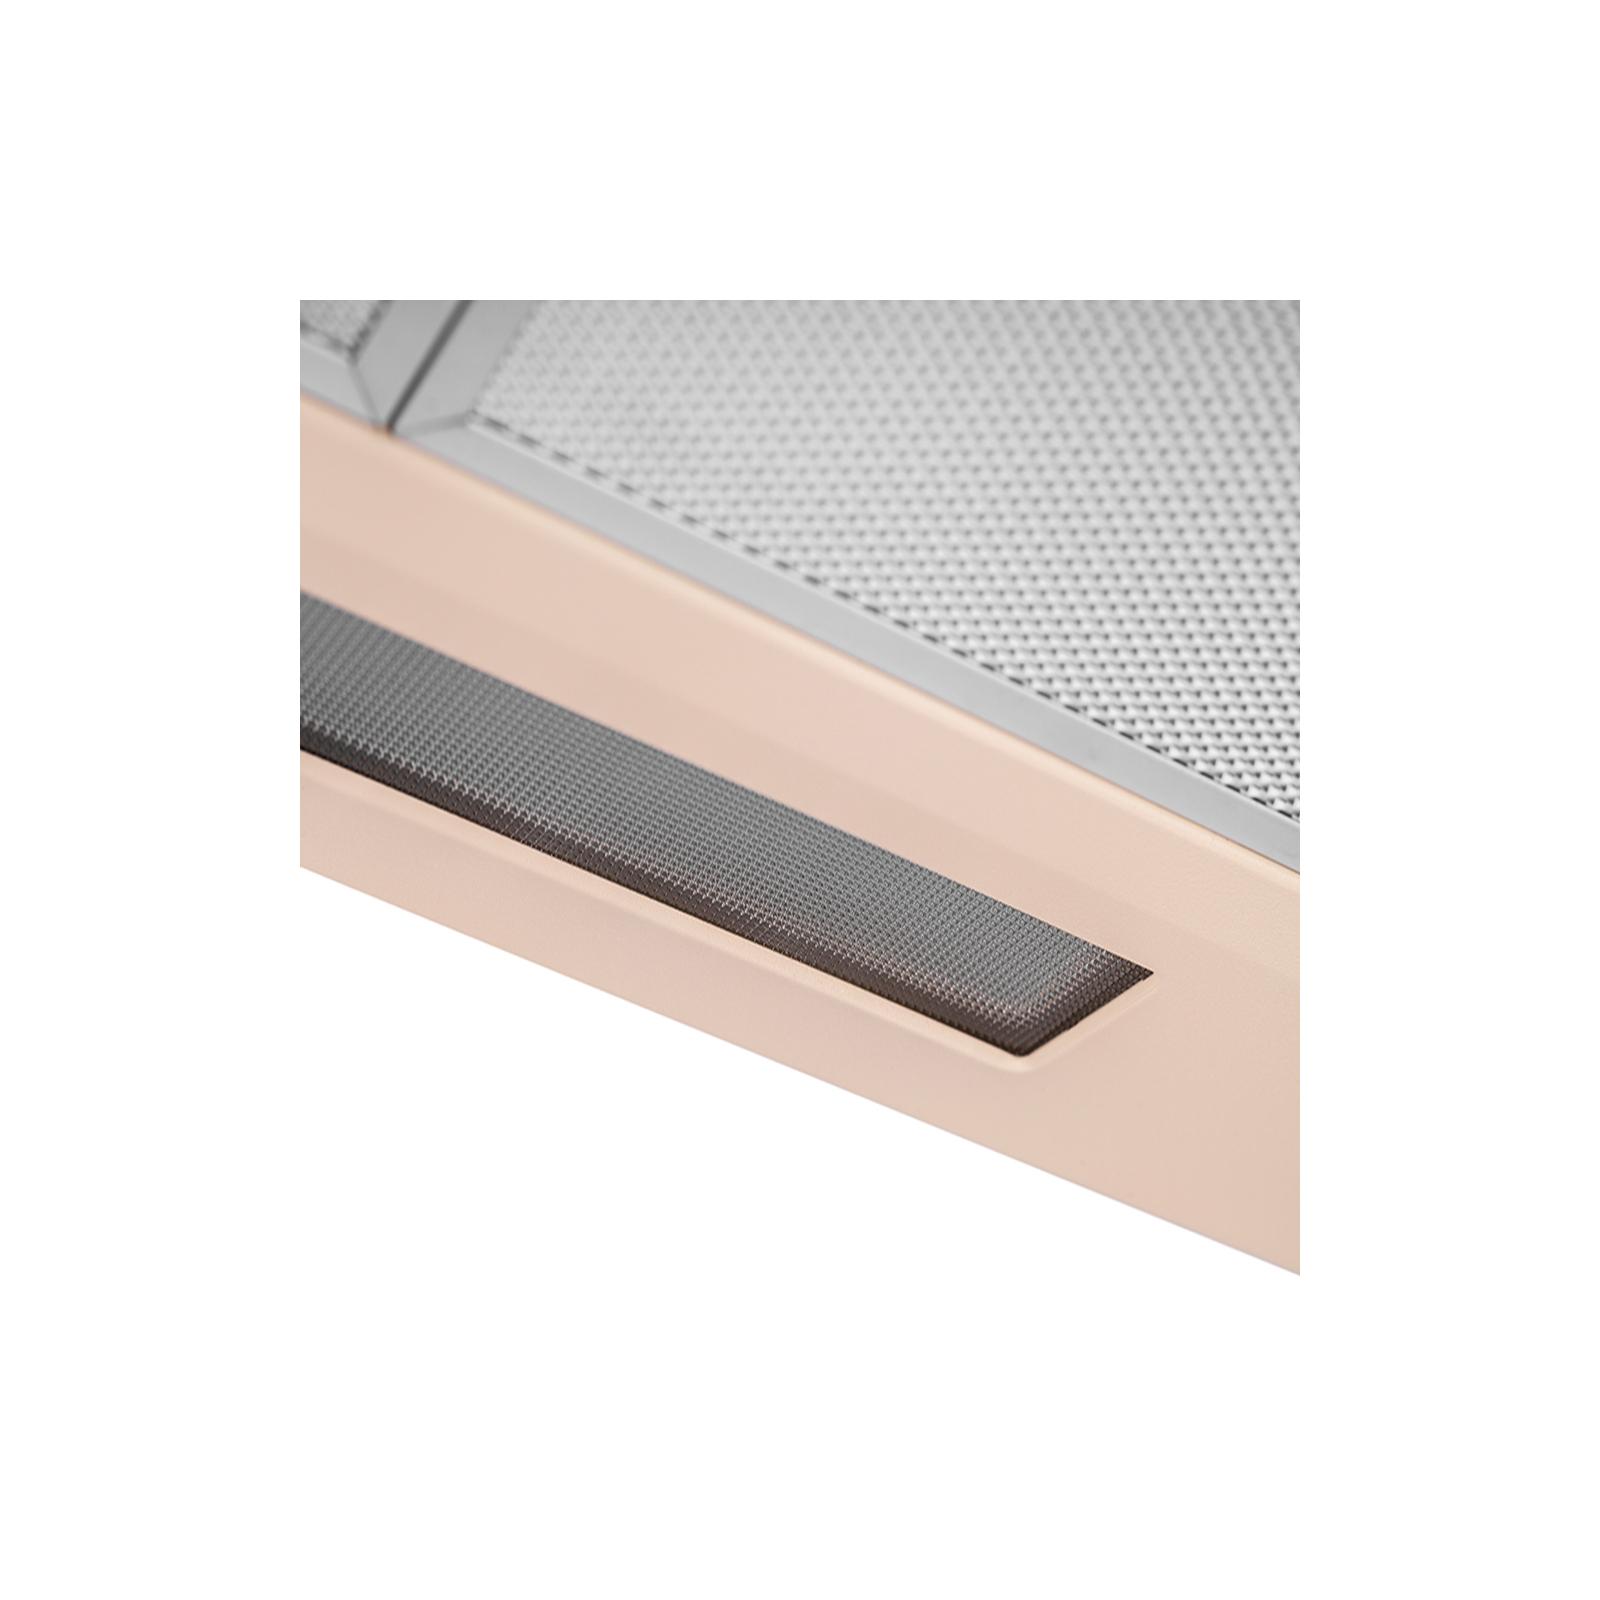 Вытяжка кухонная MINOLA HPL 611 IV изображение 3